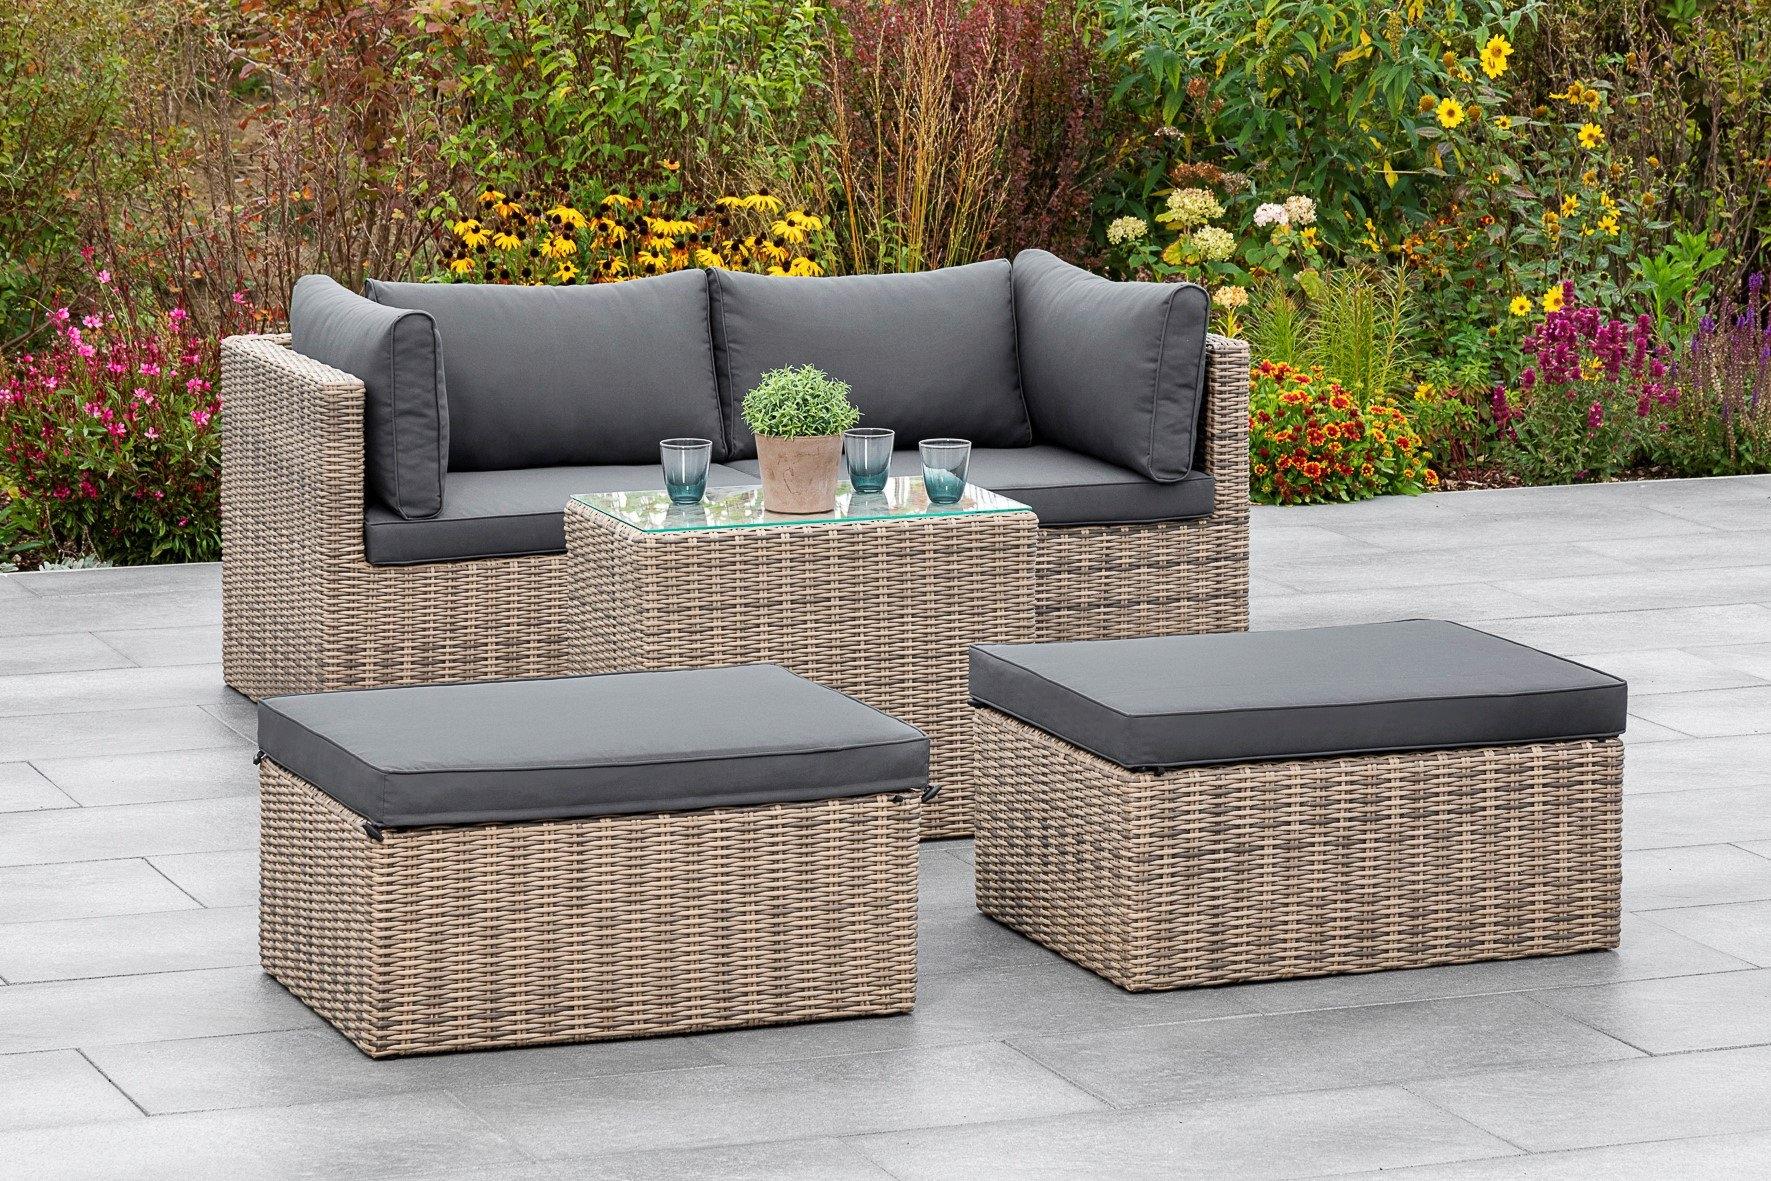 MERXX Tuinmeubelset Licosa 2 fauteuils, 2 hockers, tafel, met kussens, naturelgrijs (5-delig) veilig op otto.nl kopen